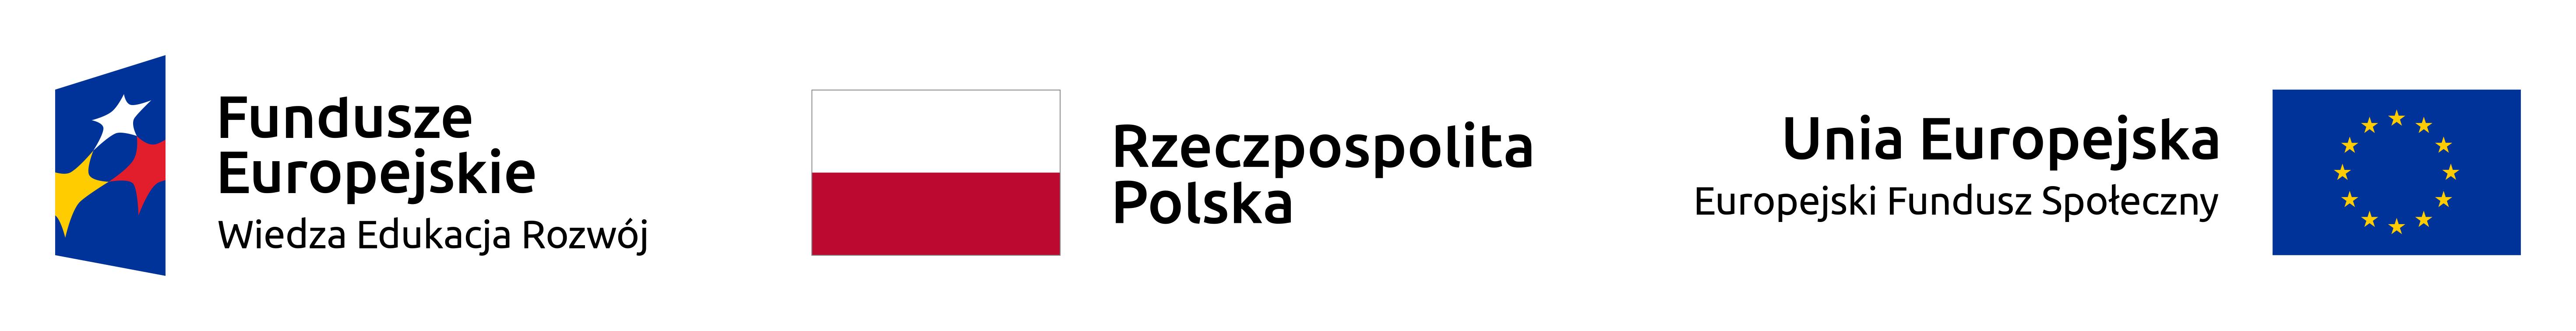 Logotyp programu Europejskiego Funduszu Społecznego Program Operacyjny Wiedza Edukacja Rozwój w 2018 roku